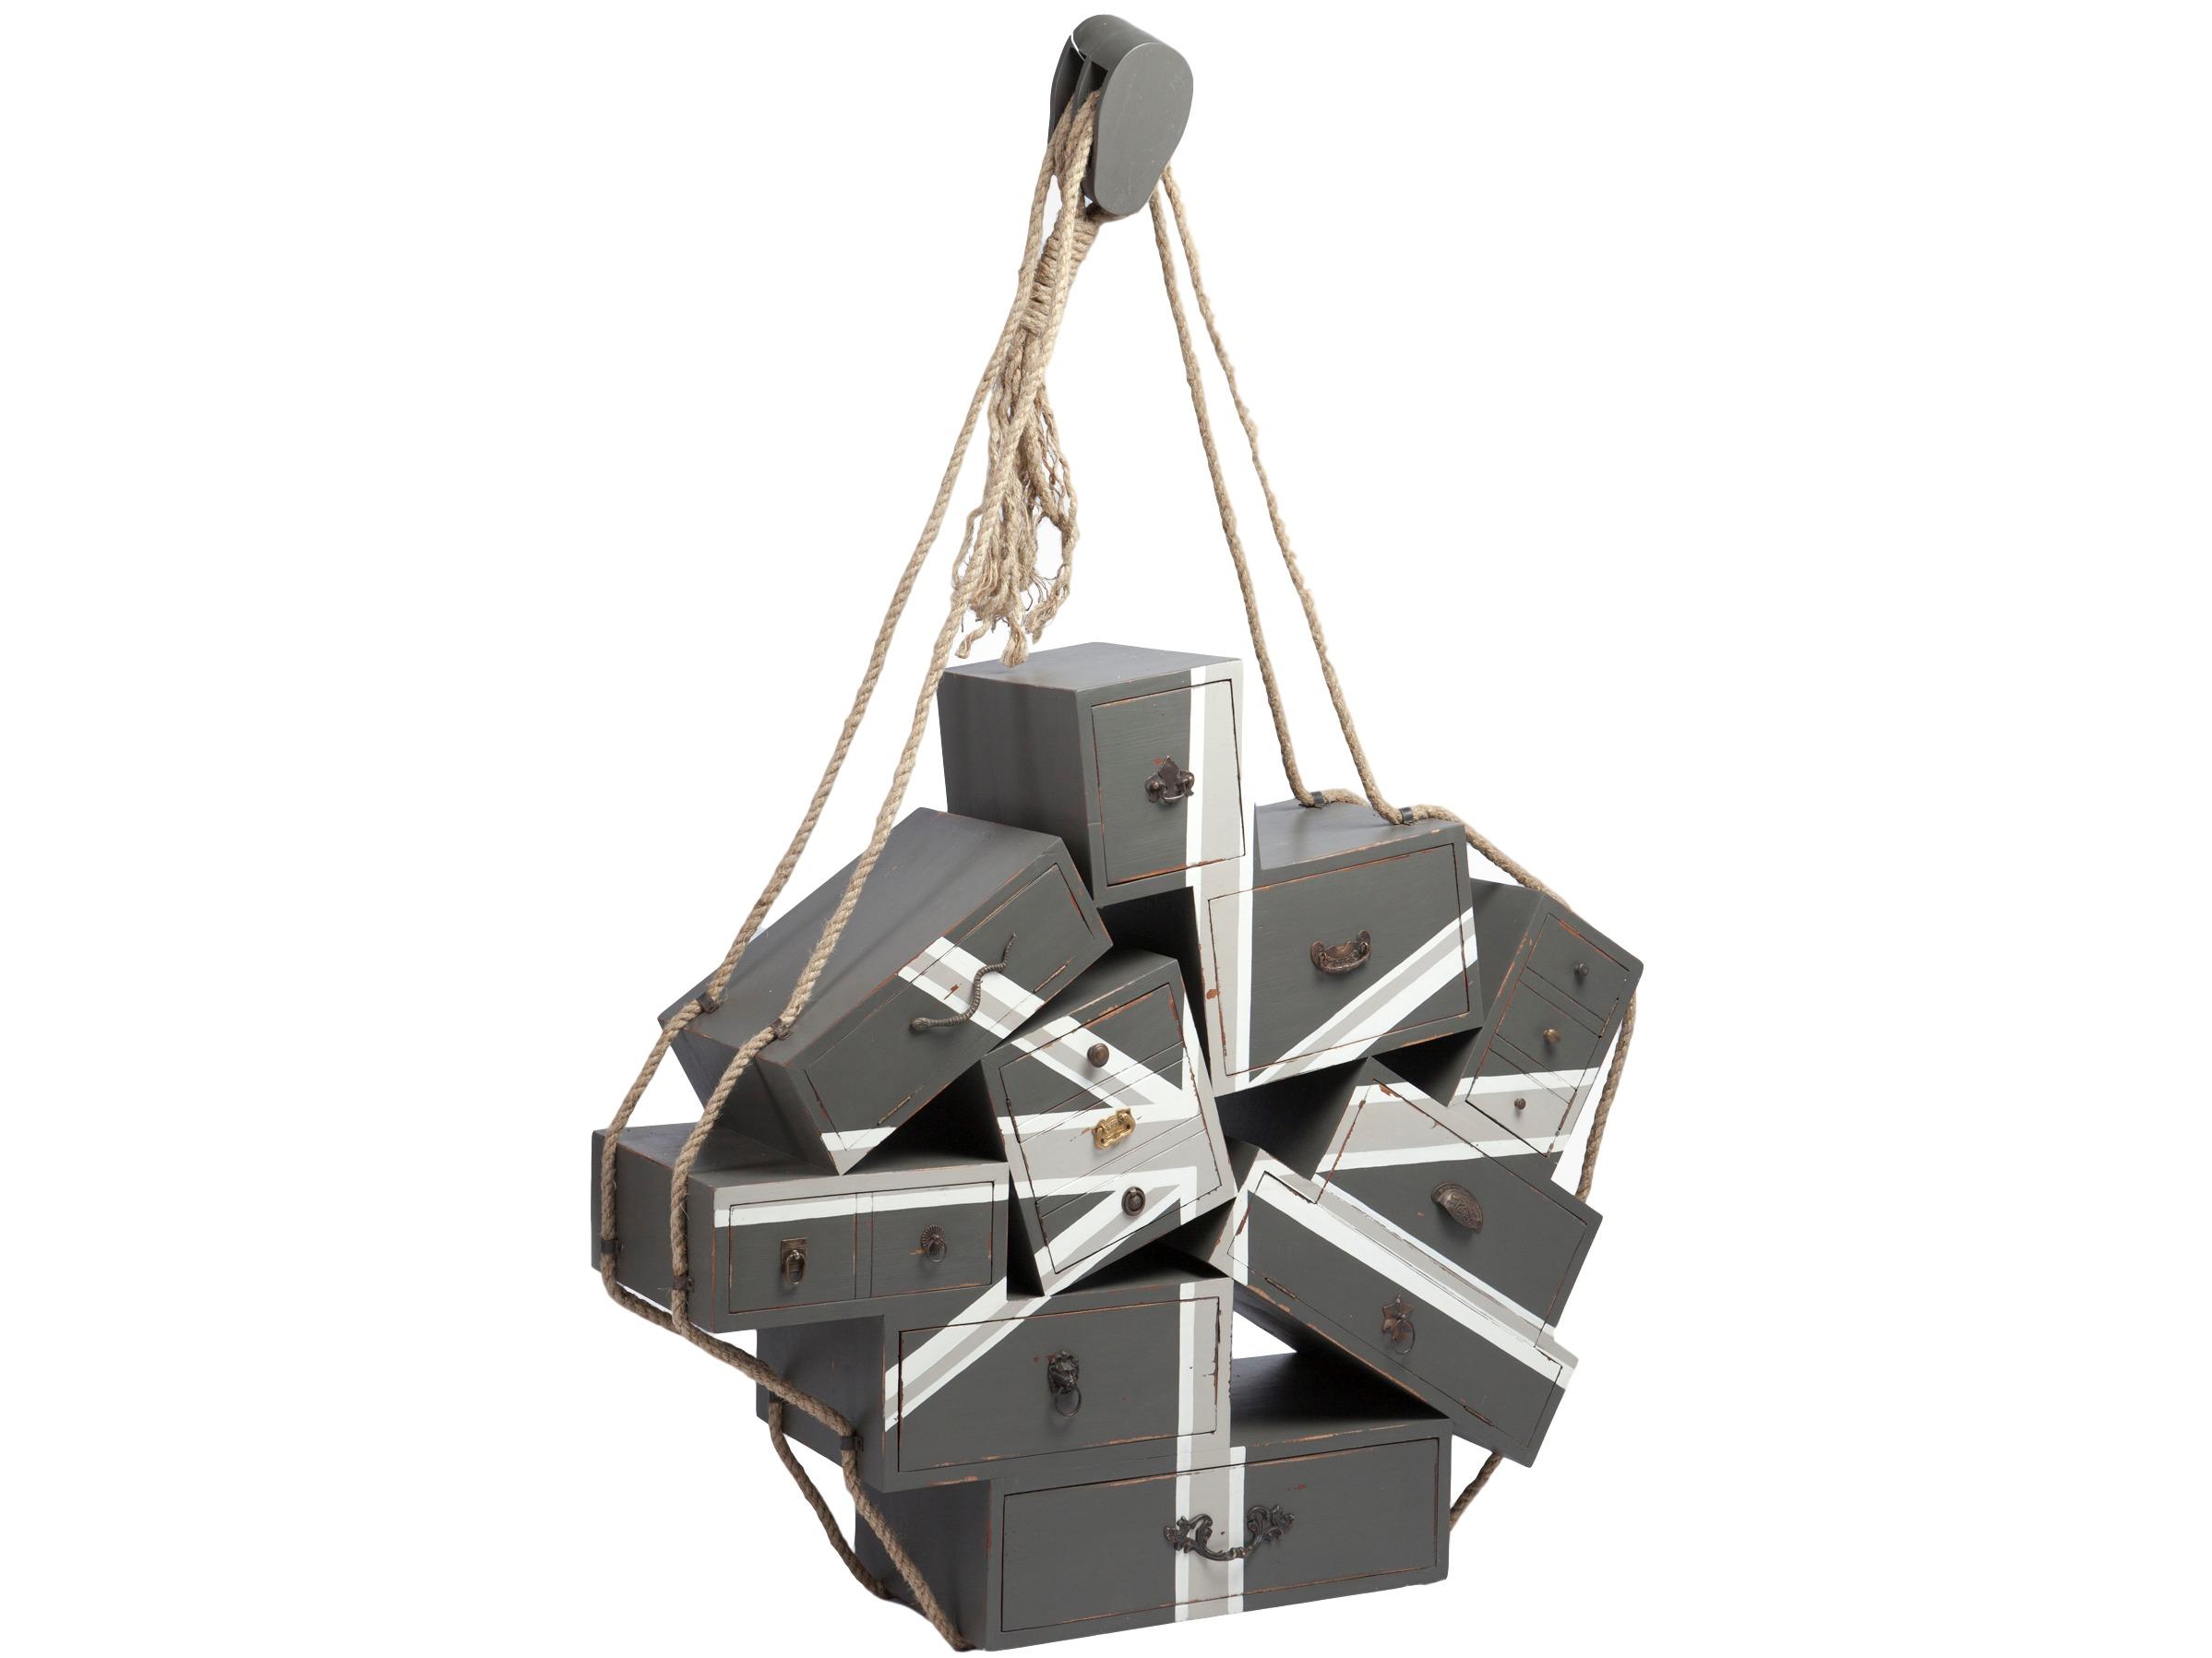 КомодПрикроватные тумбы<br>Комод оригинального дизайна из дерева махагони,украшен ручной росписью (&amp;quot;Флаг&amp;quot;) и декоративной фурнитурой.Ящики комода подвешаны на веревке,веревку необходимо закрепить на стене.<br><br>Material: Дерево<br>Width см: 143<br>Depth см: 40<br>Height см: 115